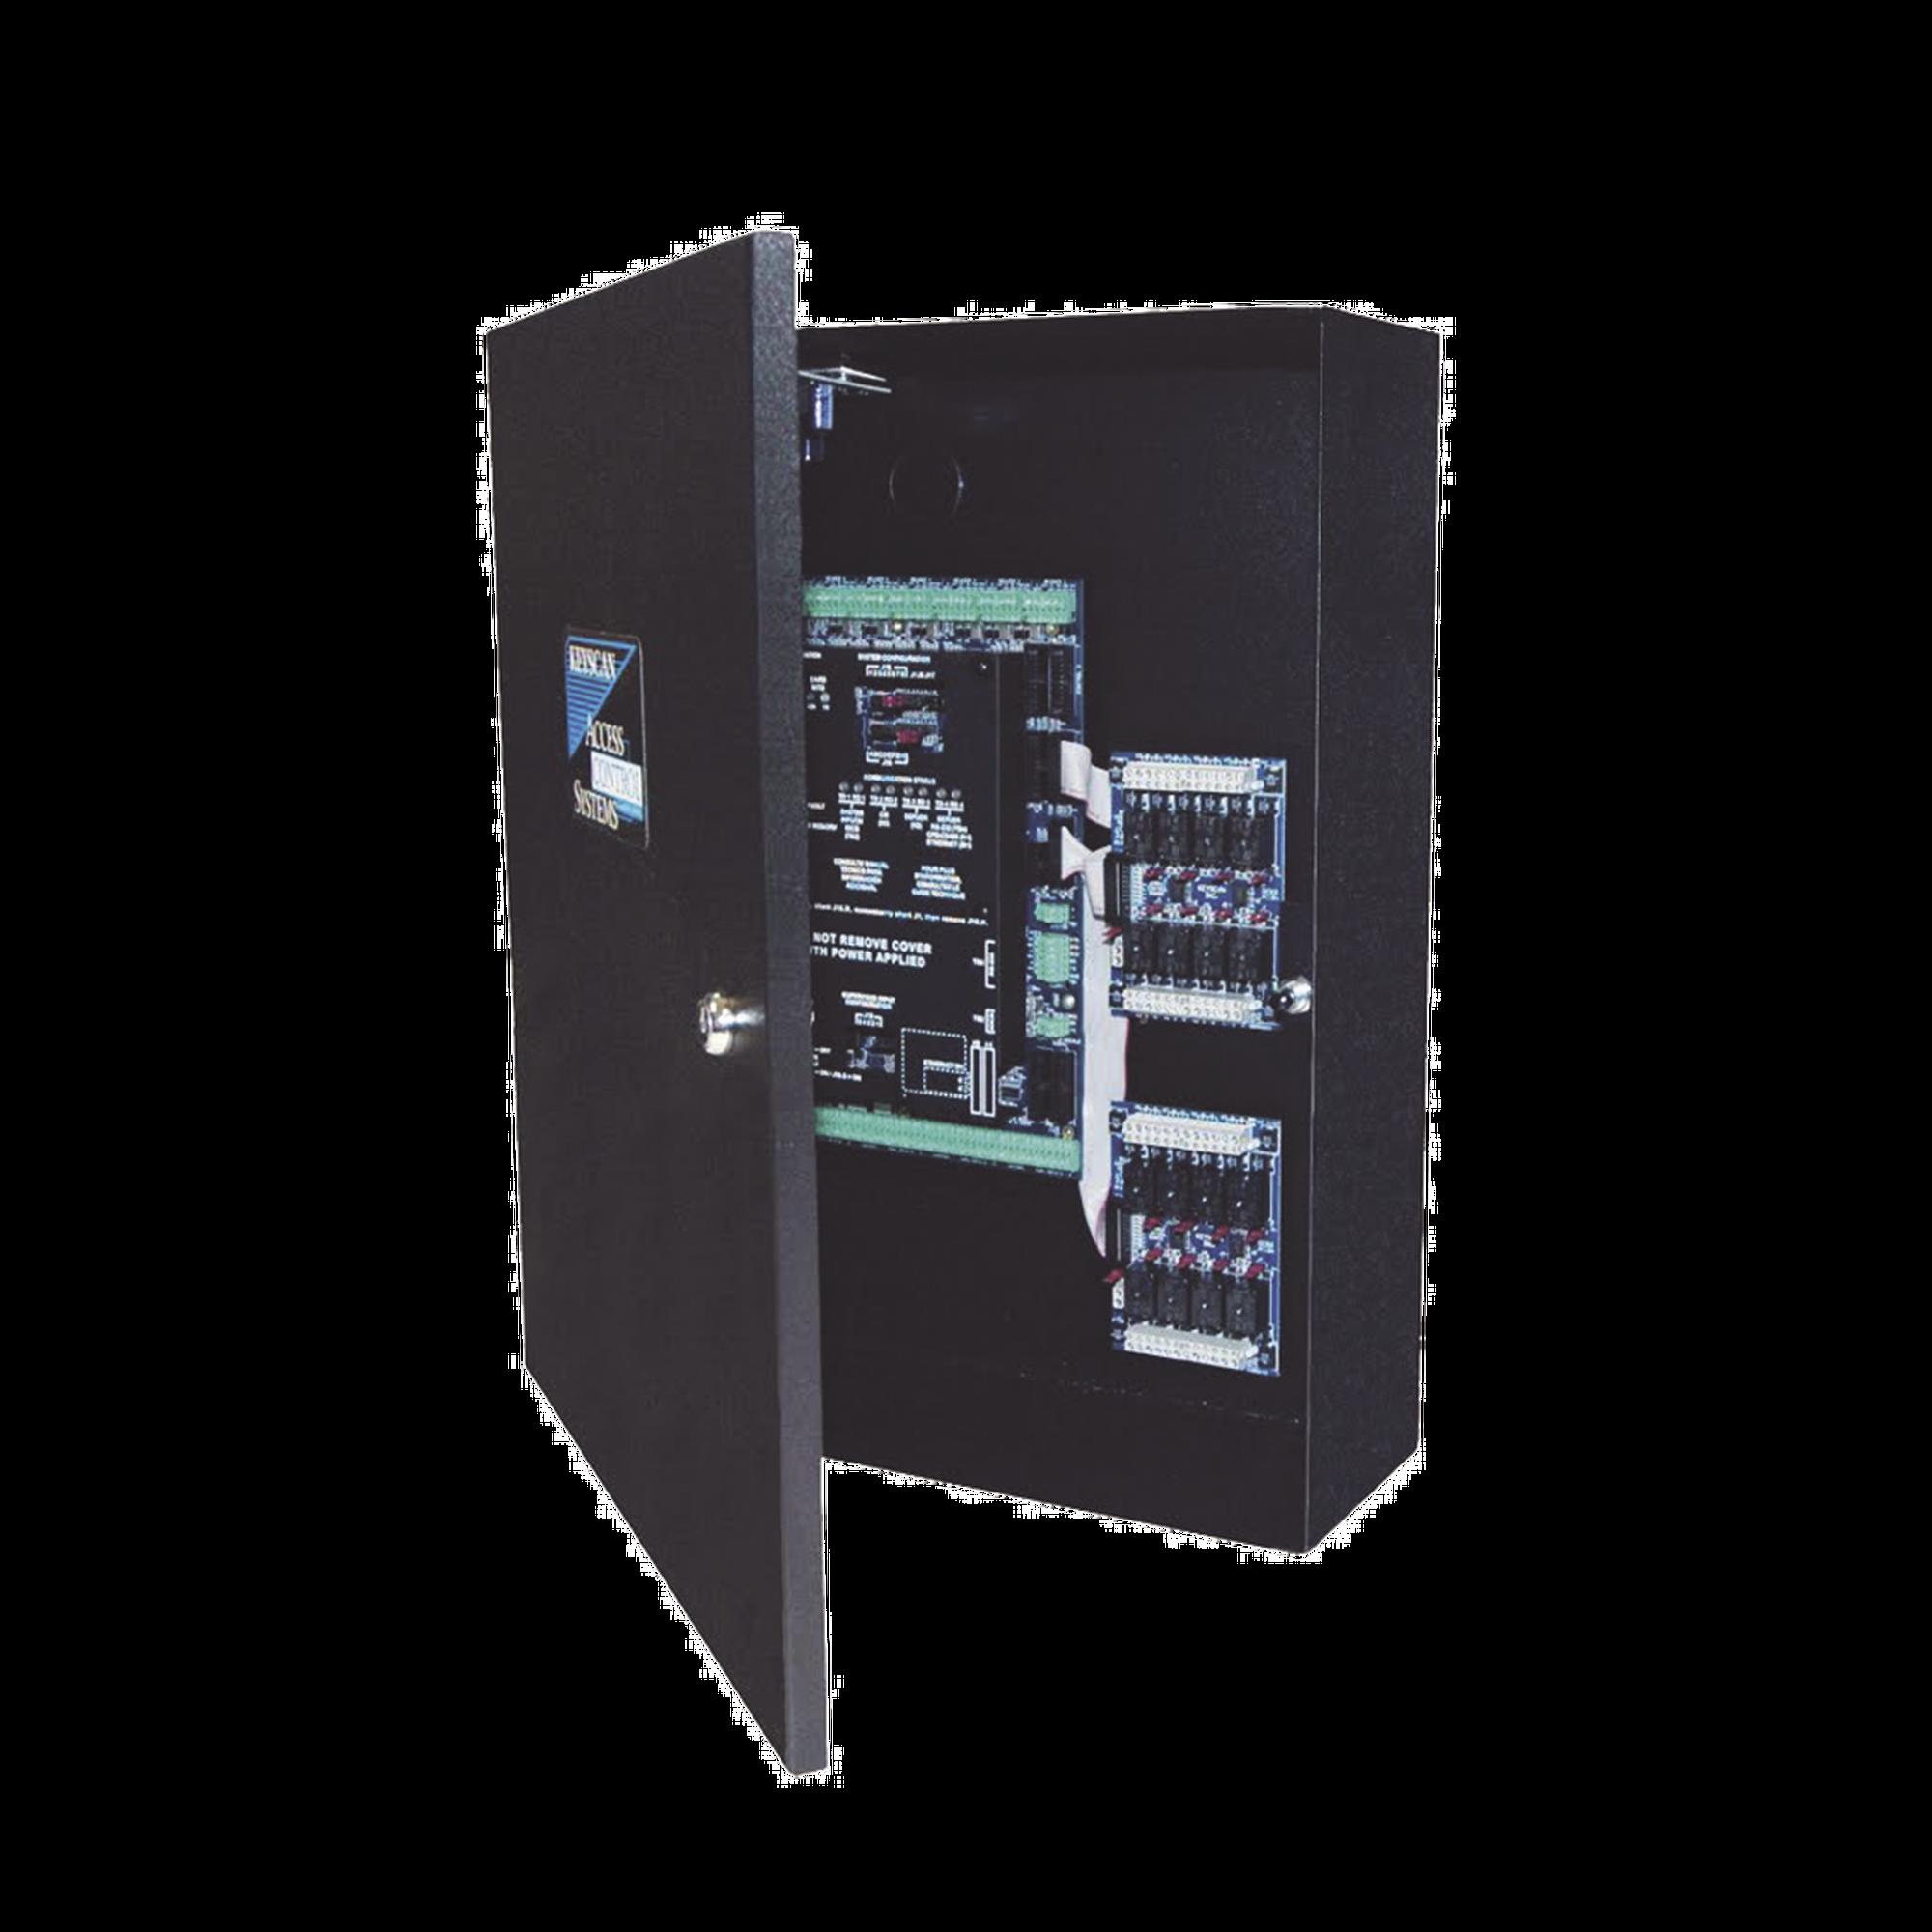 Controlador de Acceso / 4 Lectoras / Doble Procesador / +50 Formatos de Tarjetas Compatibles / 45,000 Tarjetas